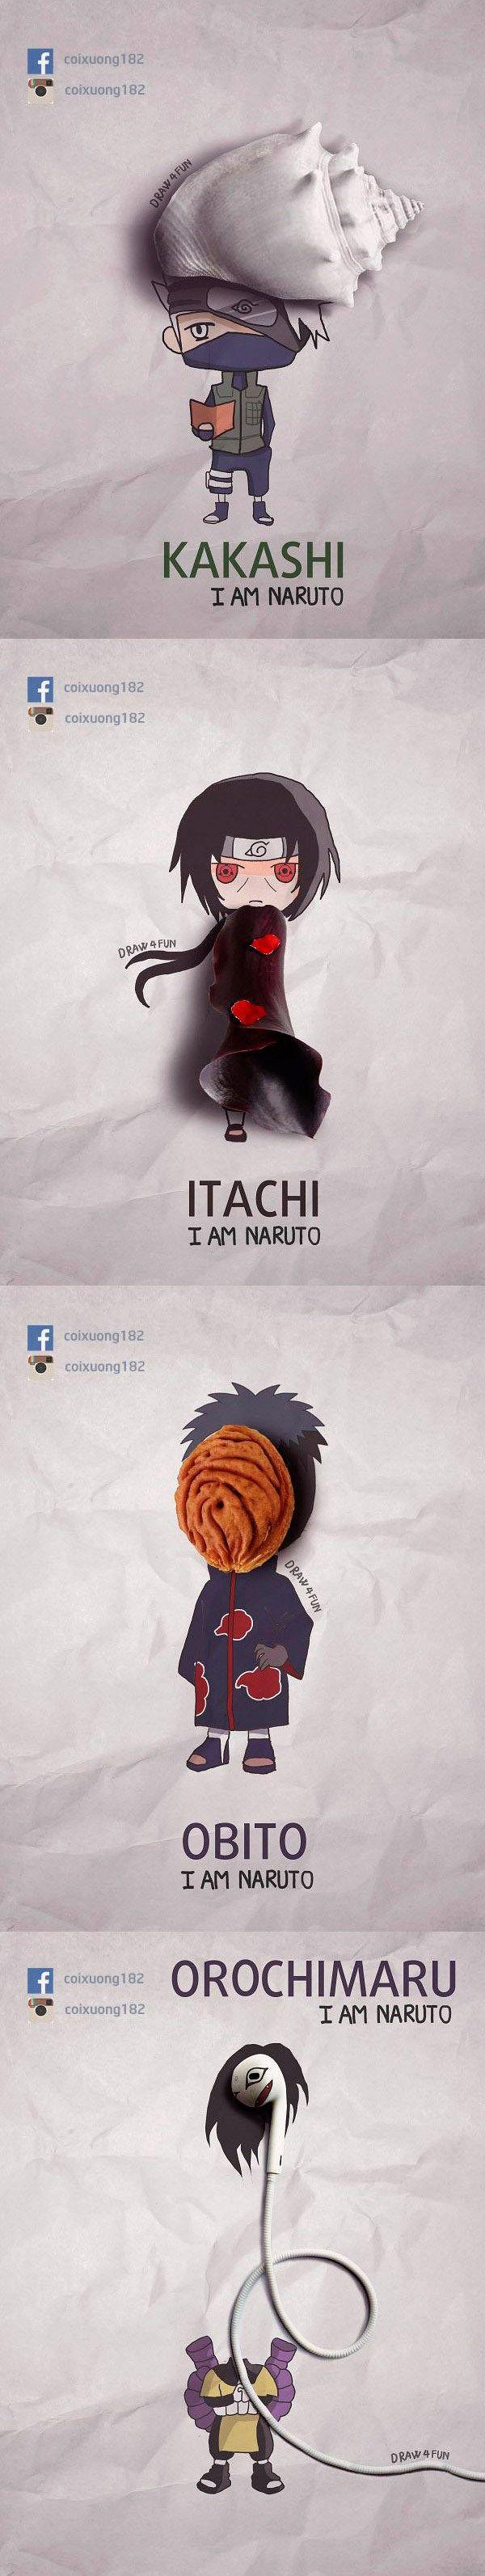 Nguyen Quang Huy usa objetos do dia a dia para recriar personagens do Naruto com um tom caricato e muito criativo!